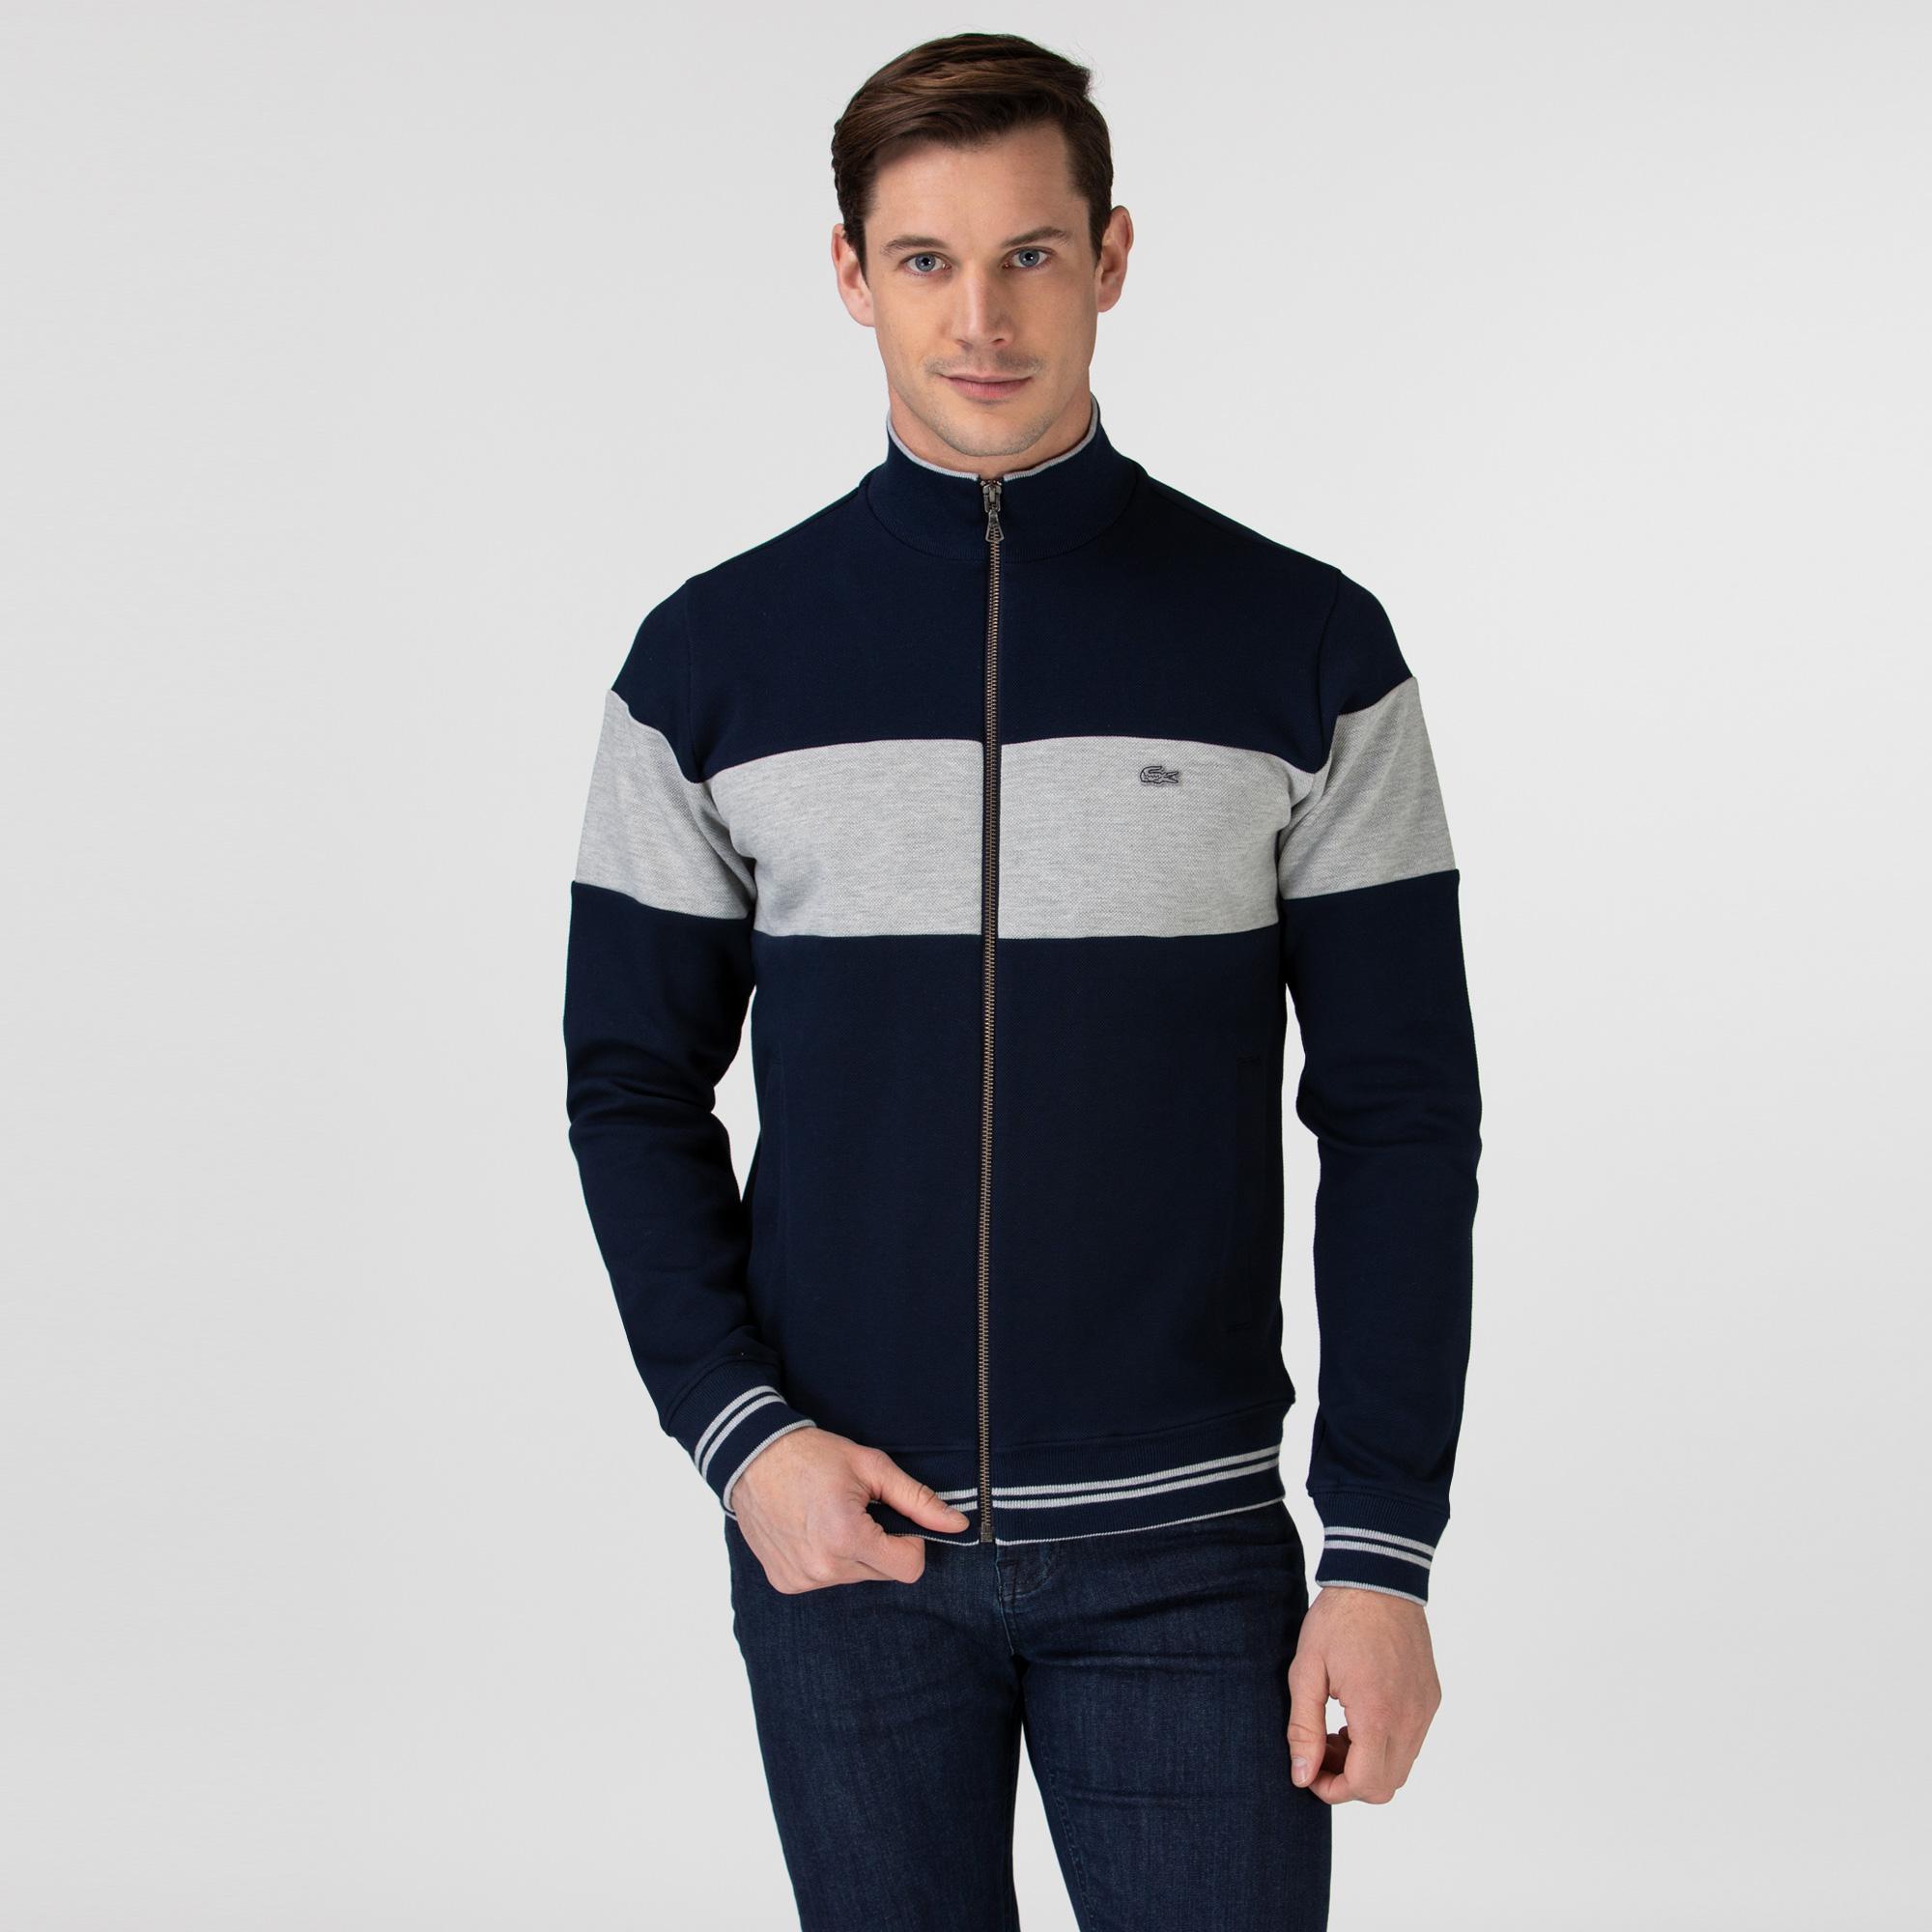 Lacoste Erkek Fermuarlı Renk Bloklu Lacivert Sweatshirt